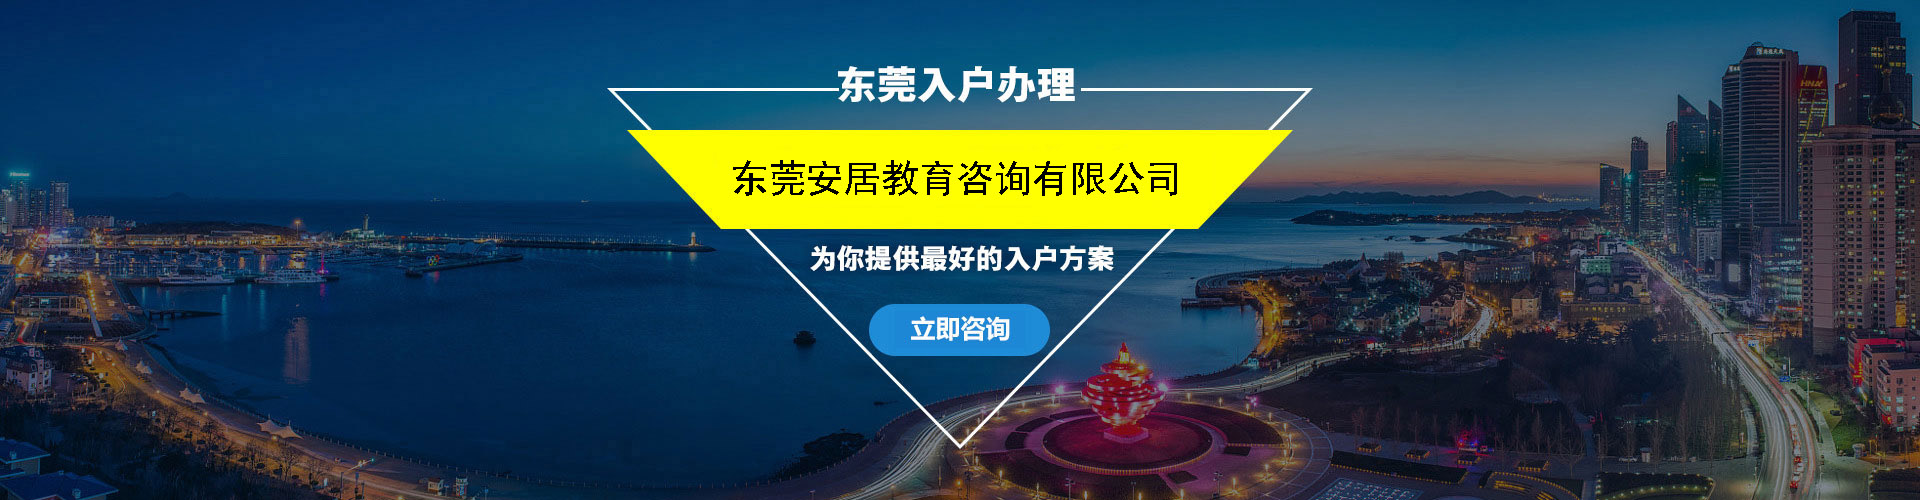 金沙网络娱乐游戏平台